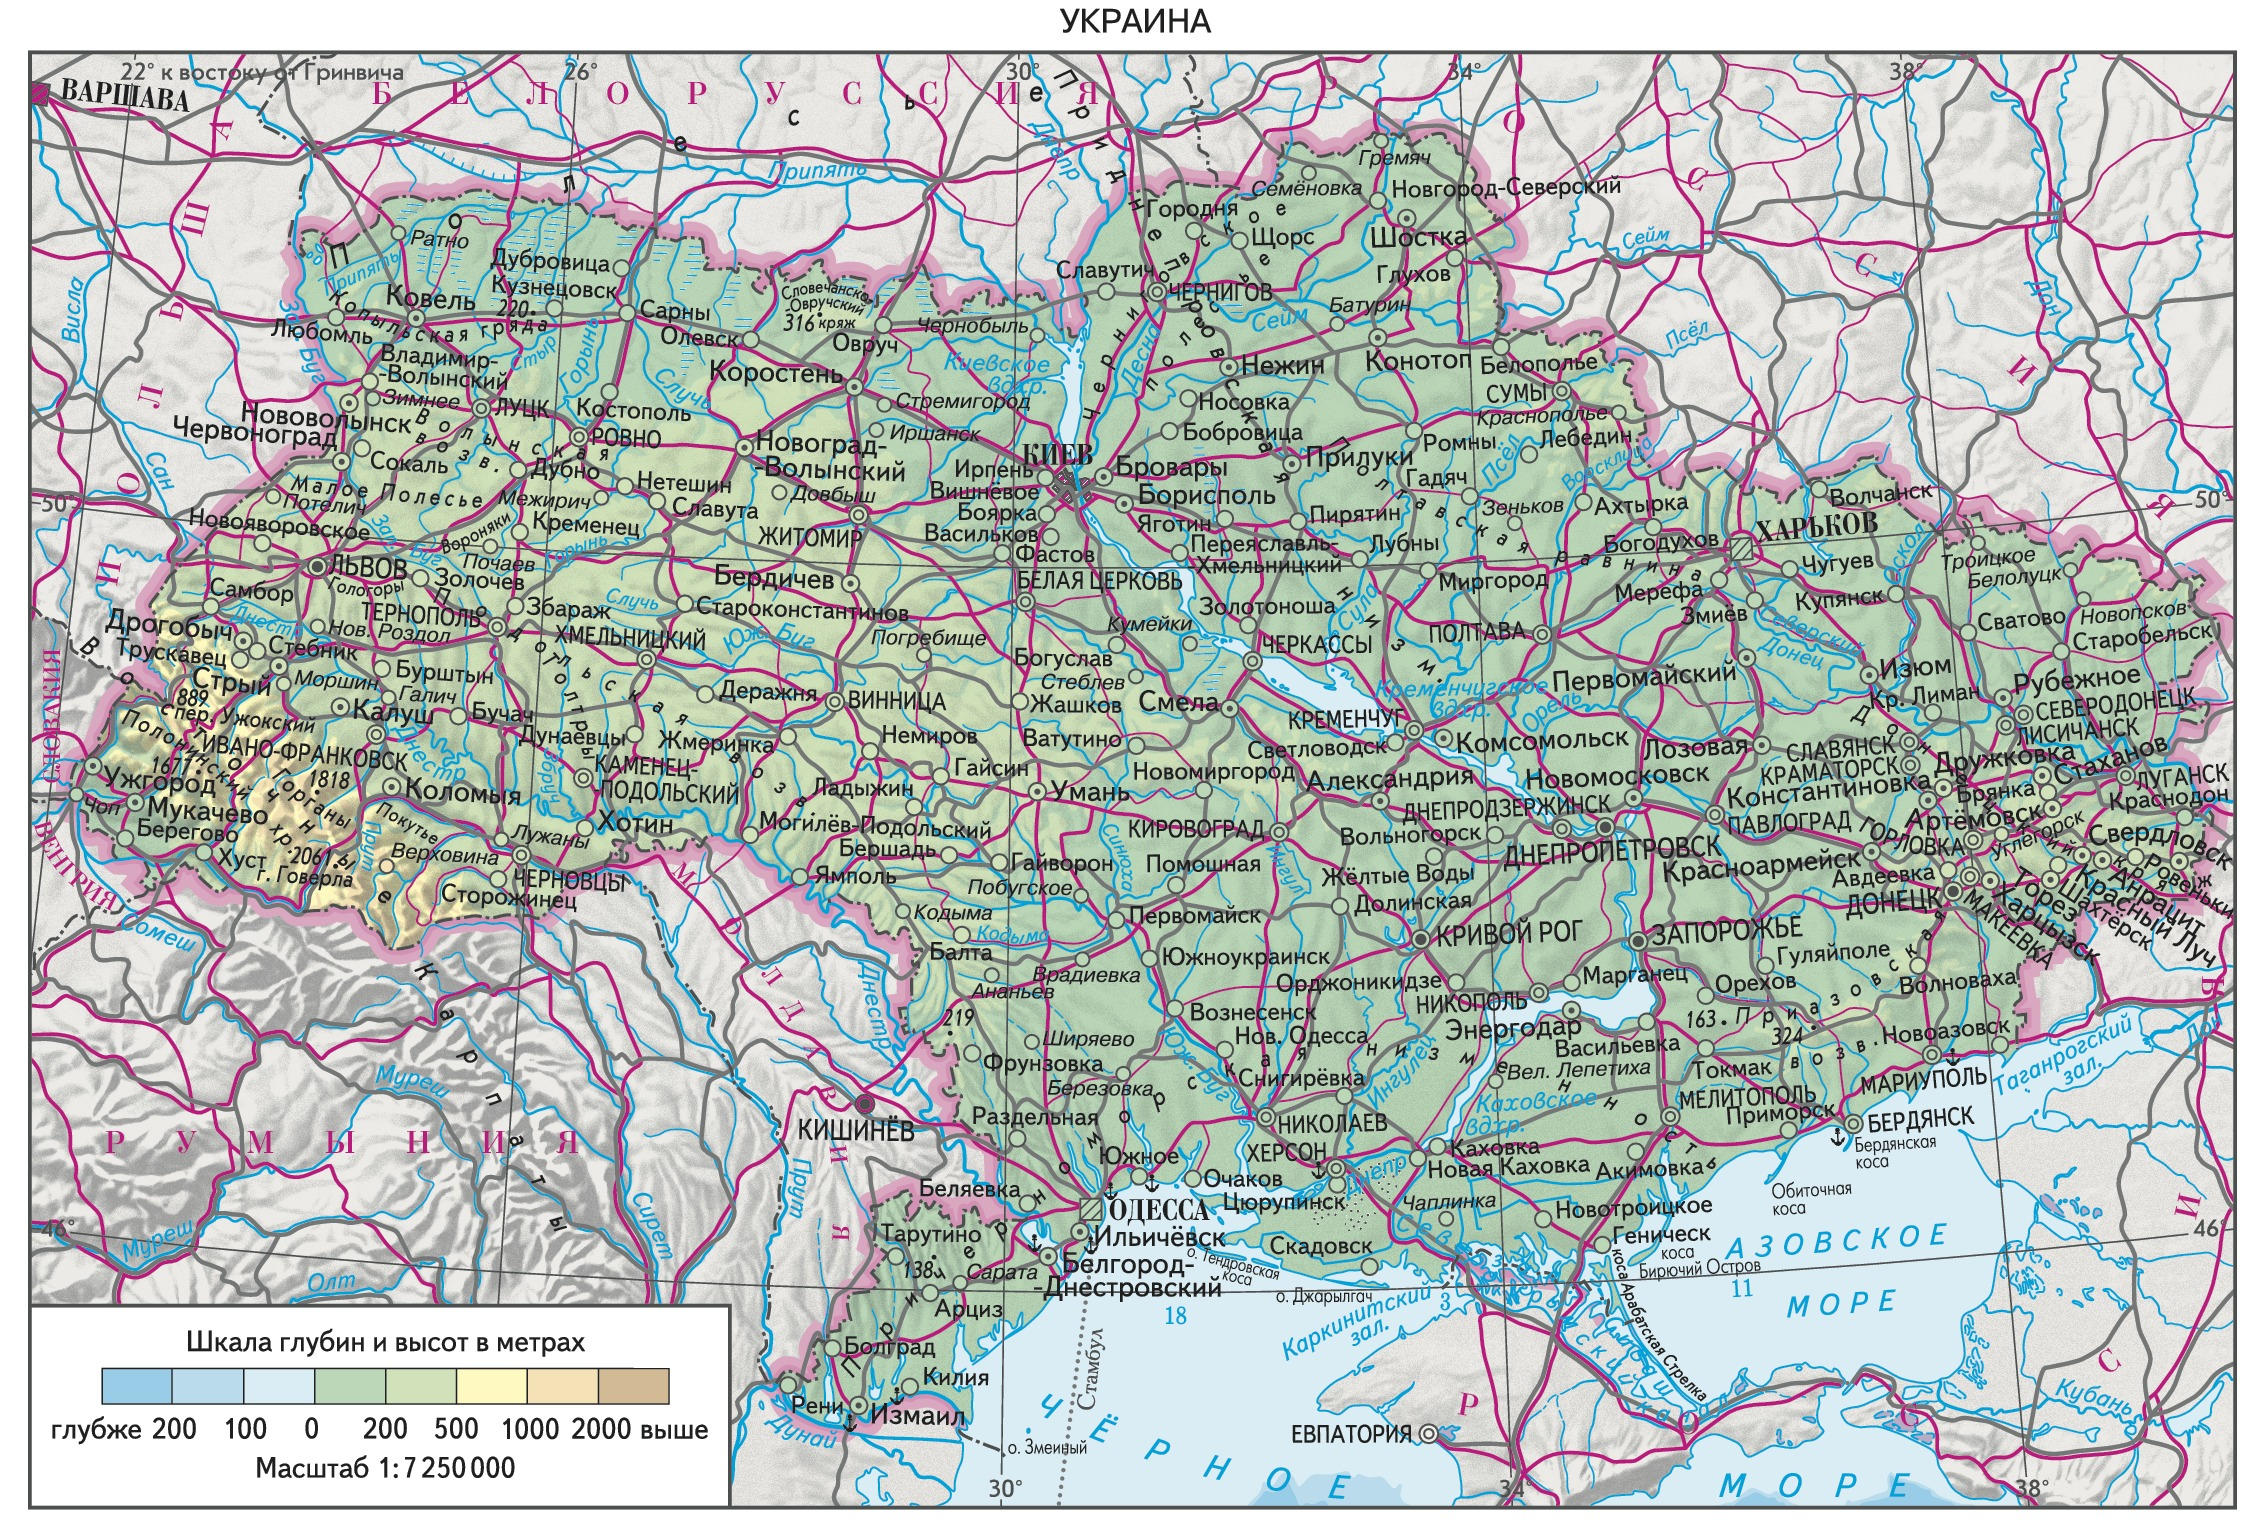 вооруженный конфликт на украине